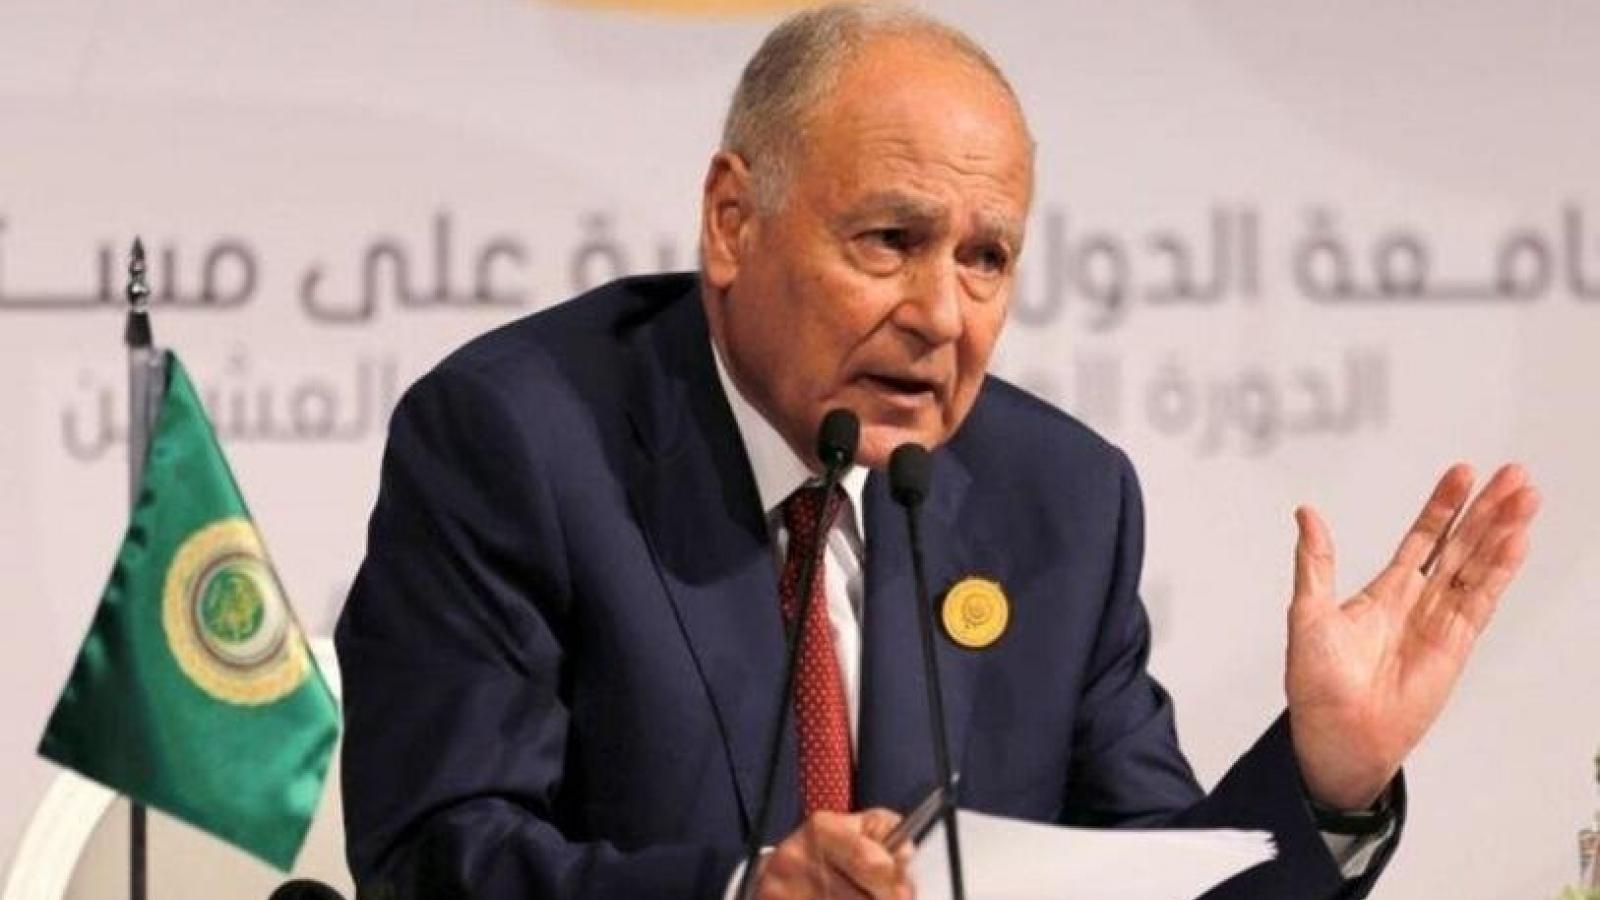 Liên đoàn Arab kêu gọi hợp tác chiến lược với LHQ để chấm dứt chiến tranh trong khu vực